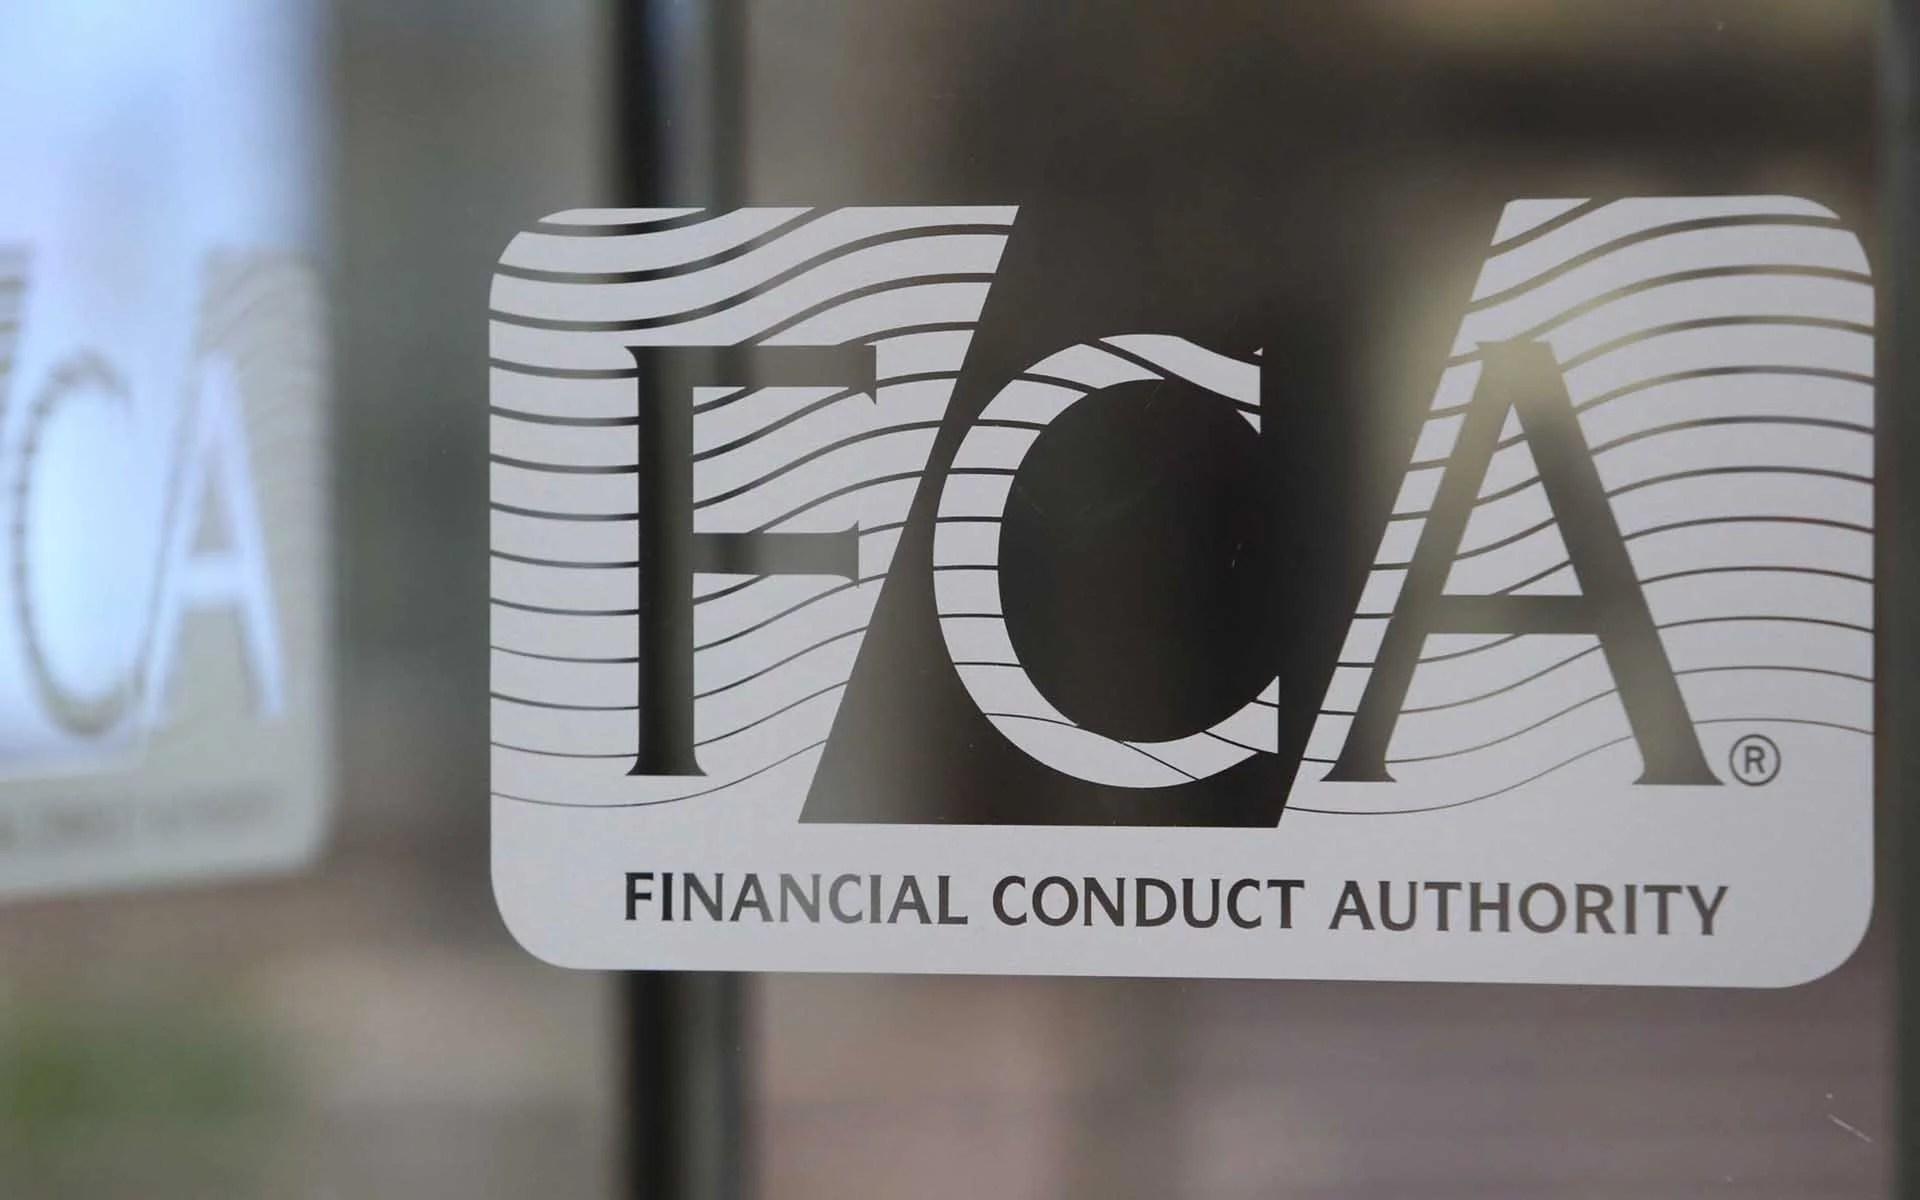 Jefe de la Autoridad de Conducta Financiera en el Reino Unido reconoce el potencial de las criptomonedas, pero advierte sobre sus riesgos